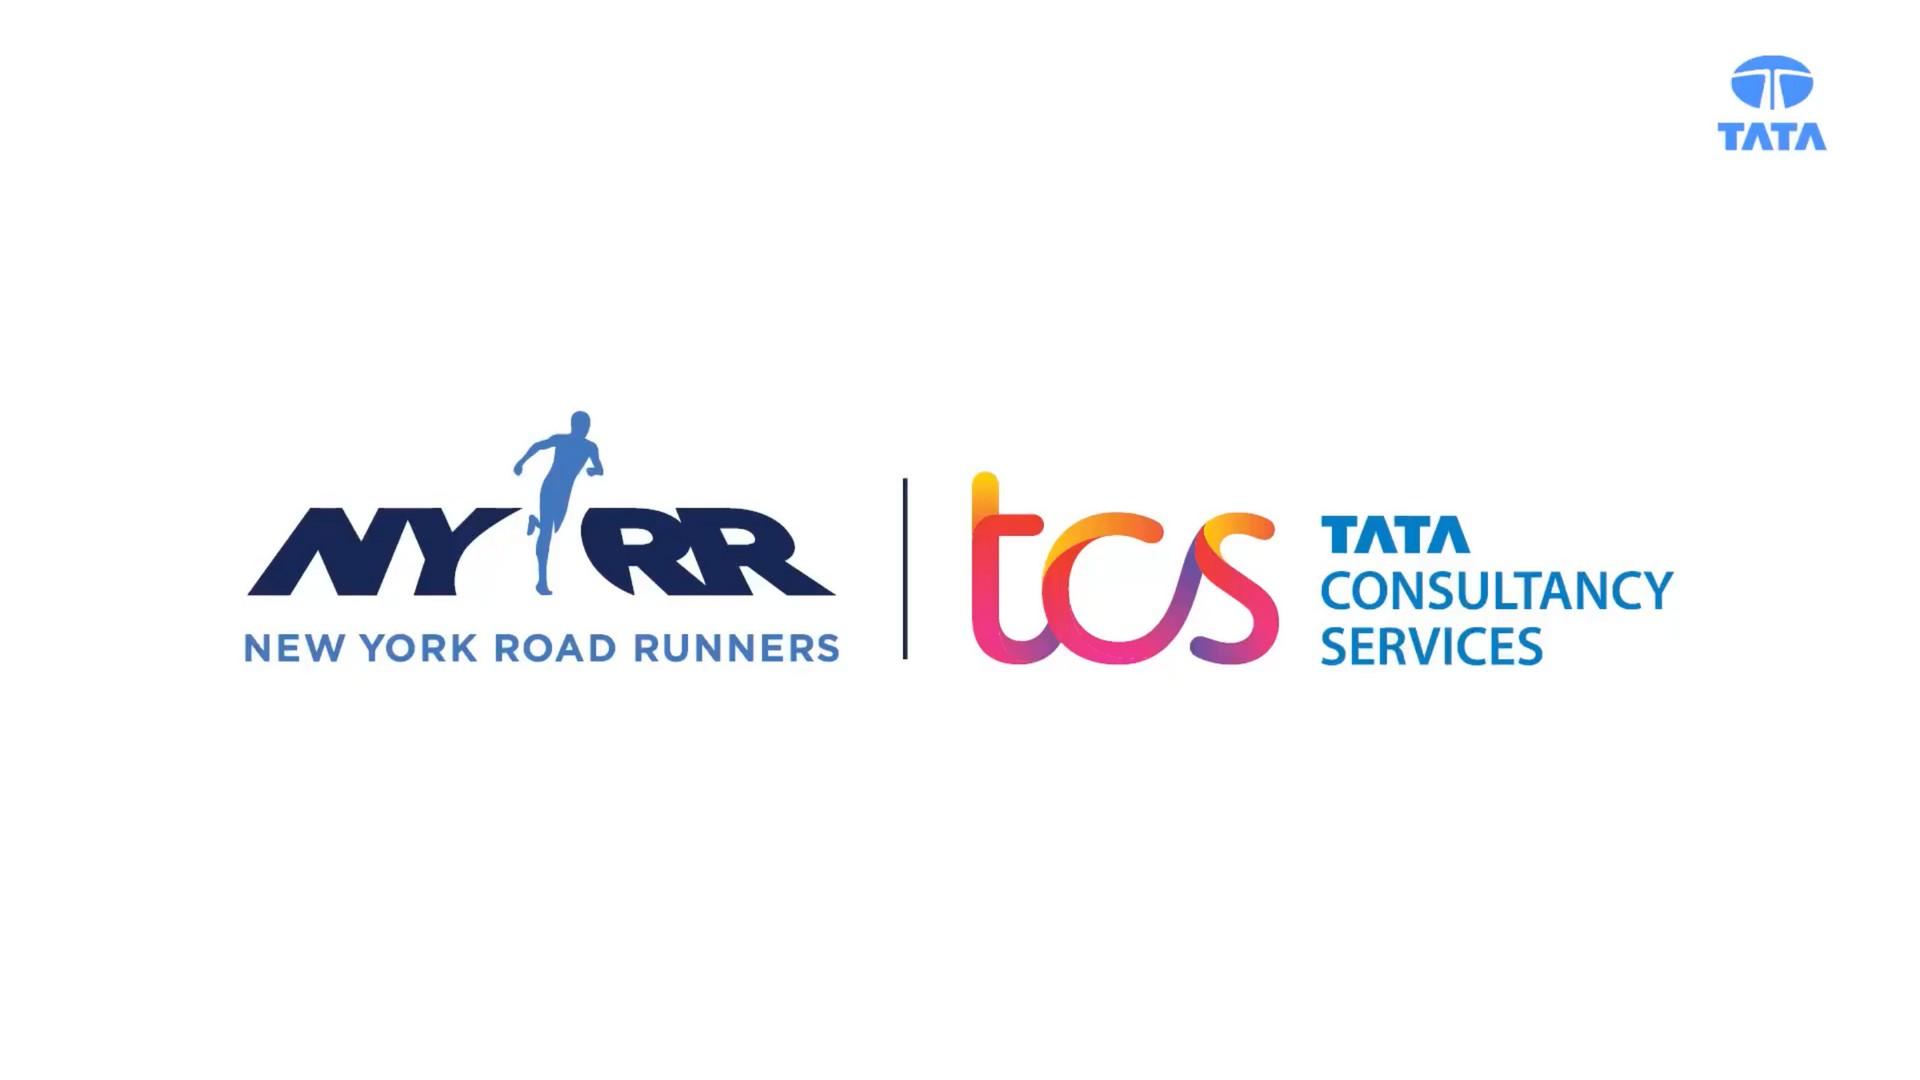 Tata TCS x Marathon New-York (athlétisme) 2021